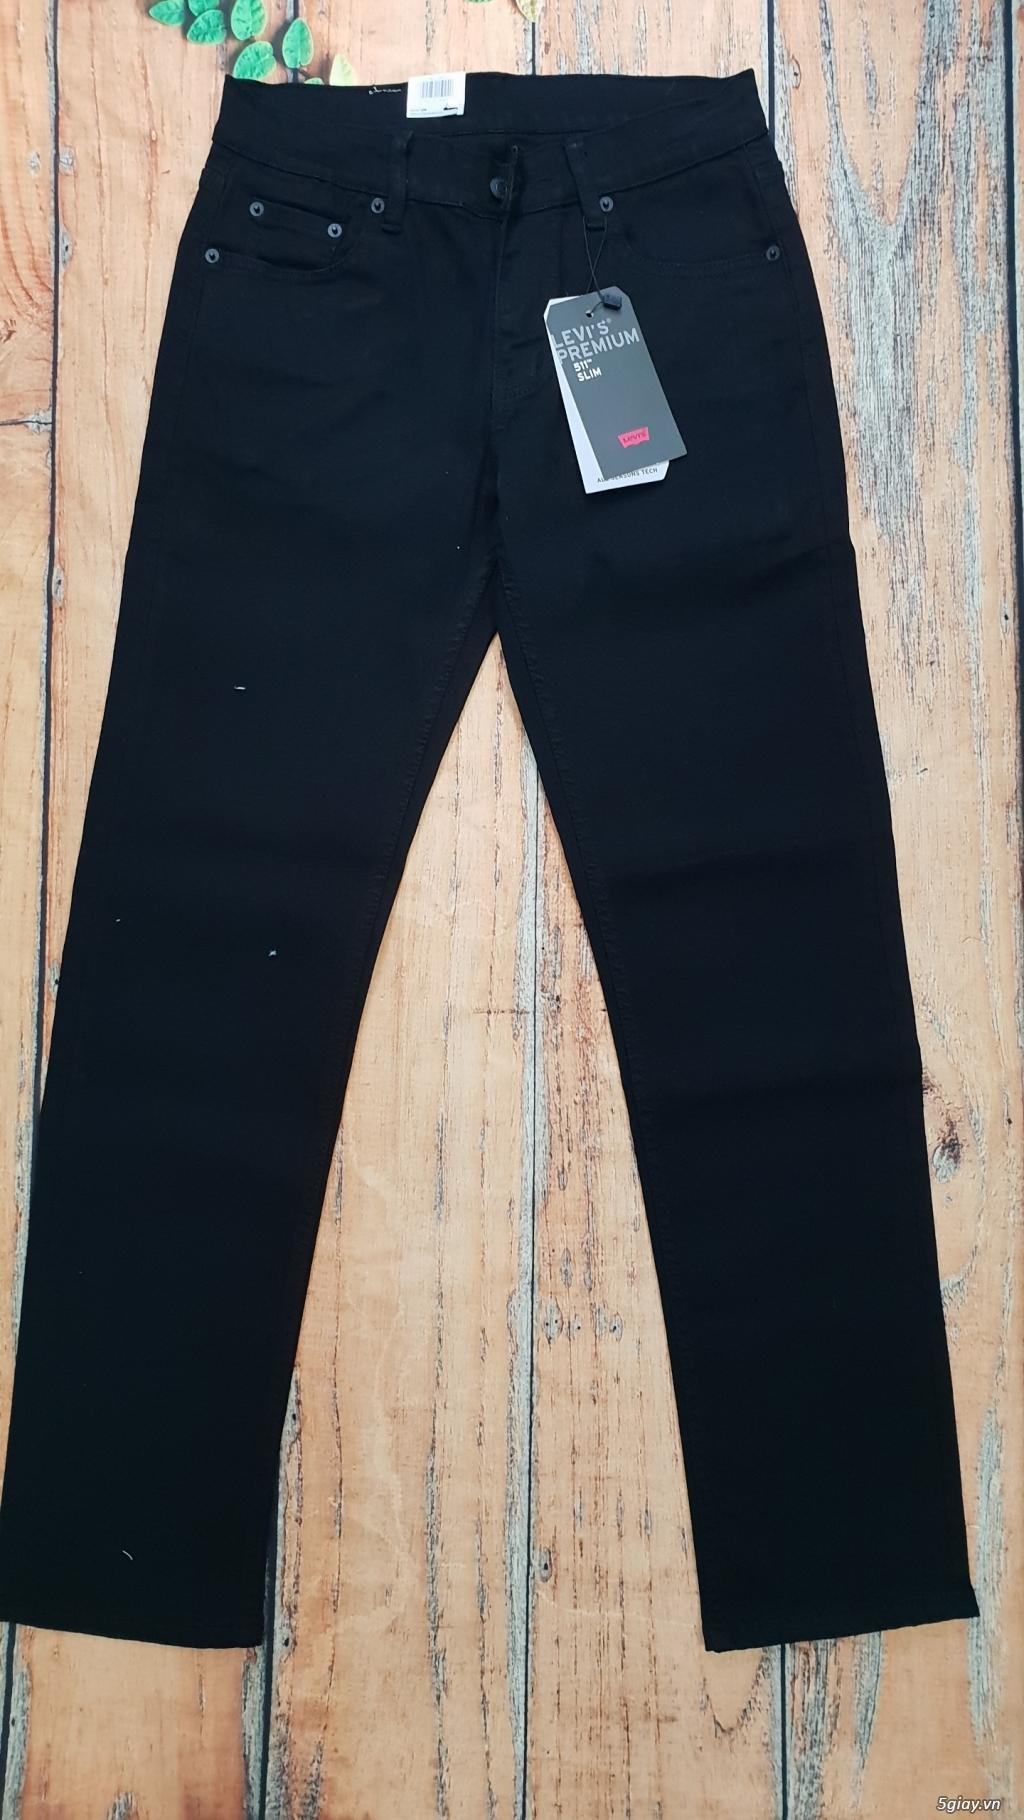 Chuyên bán quần jeans Nam Levi's 511 dáng xuông đủ màu đủ size - 4